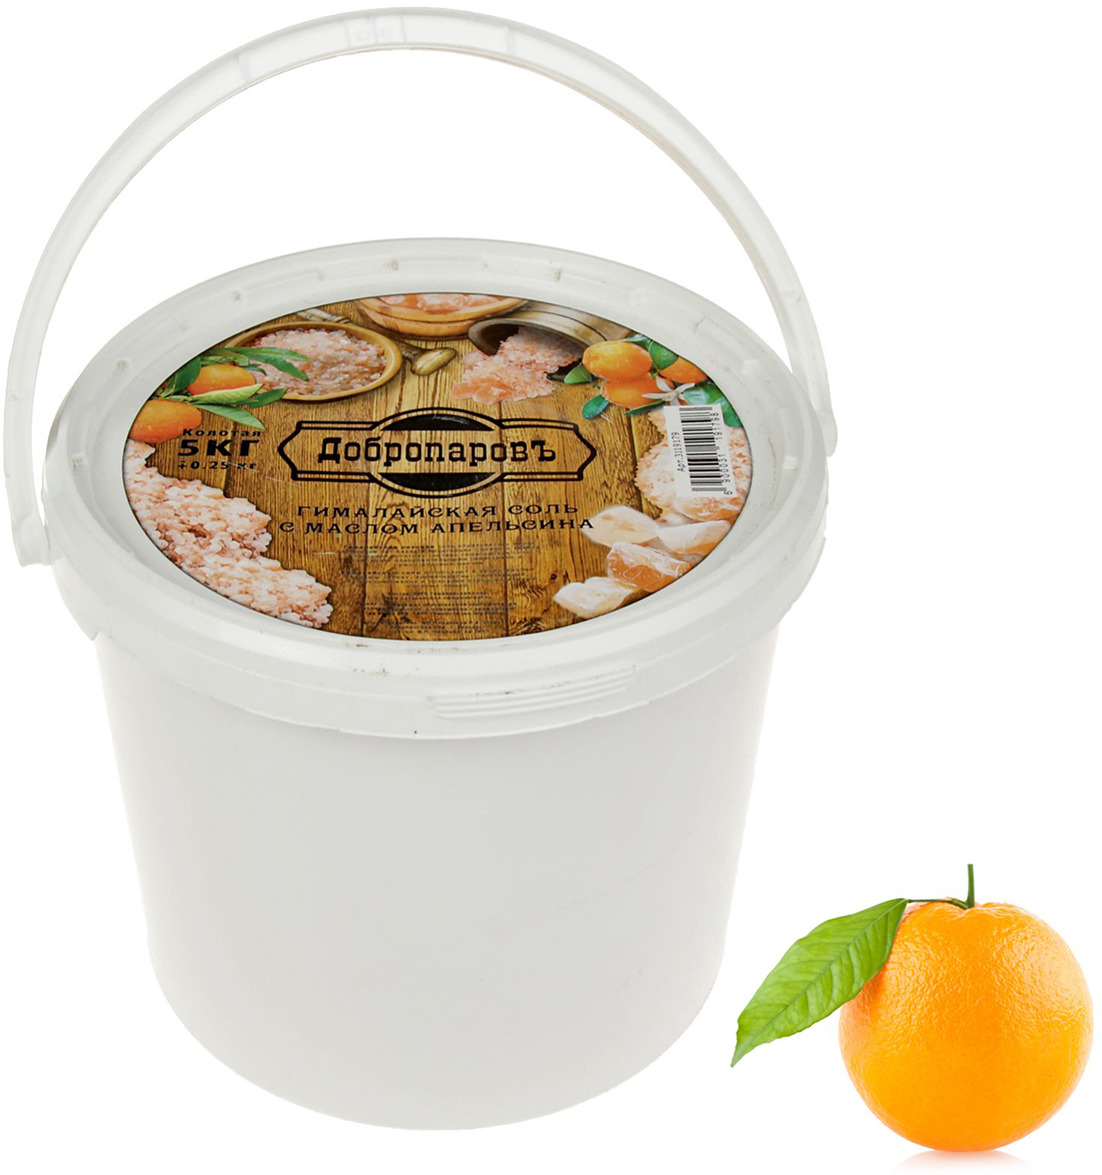 Гималайская розовая соль Добропаровъ, с маслом апельсина, колотая, 5 кг приправка соль гималайская розовая со средиземноморскими травами 200 г